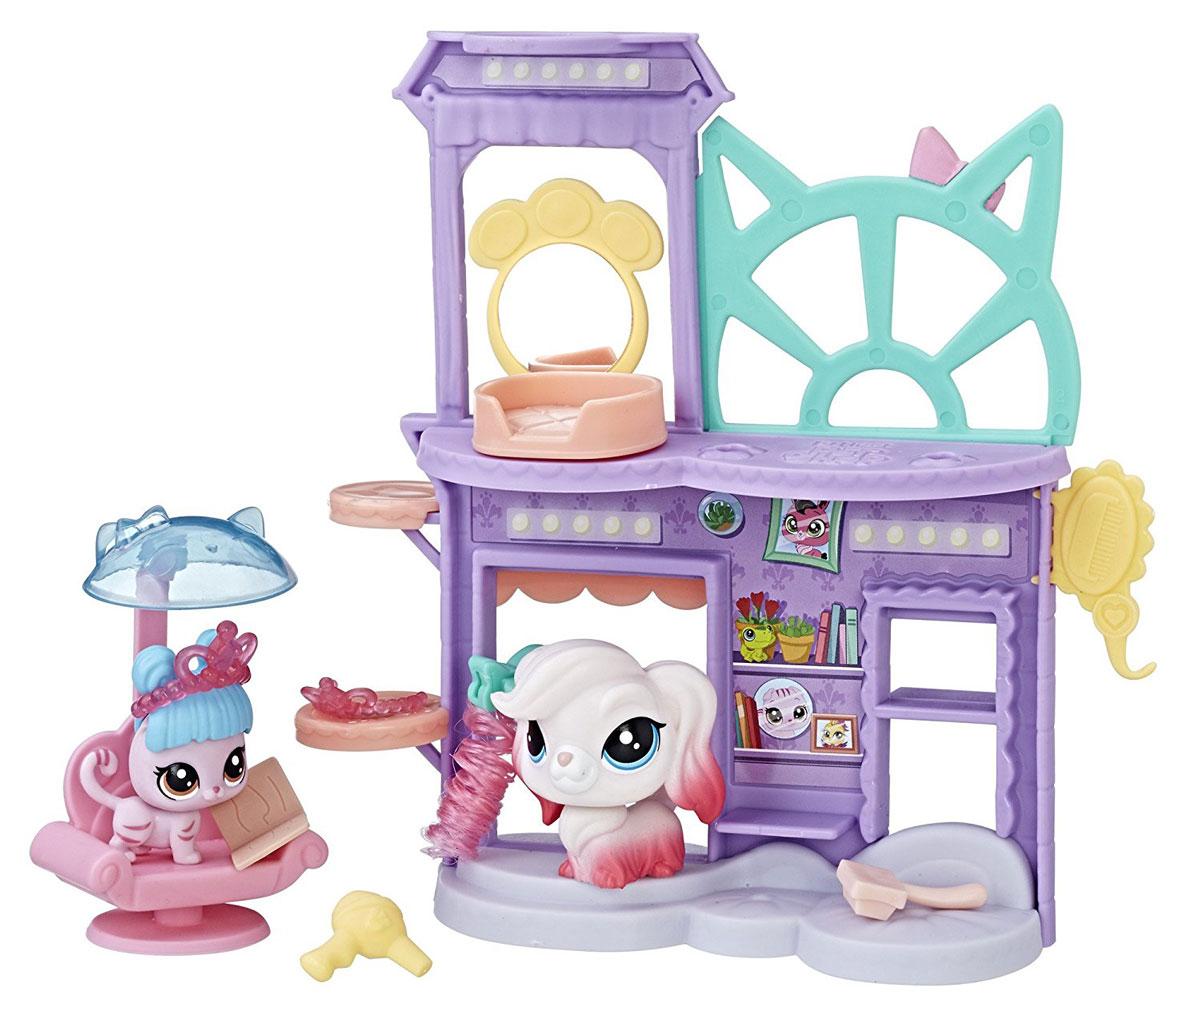 Littlest Pet Shop Игровой набор Shake 'N Dry Salon купить littlest pet shop старая коллекция купить